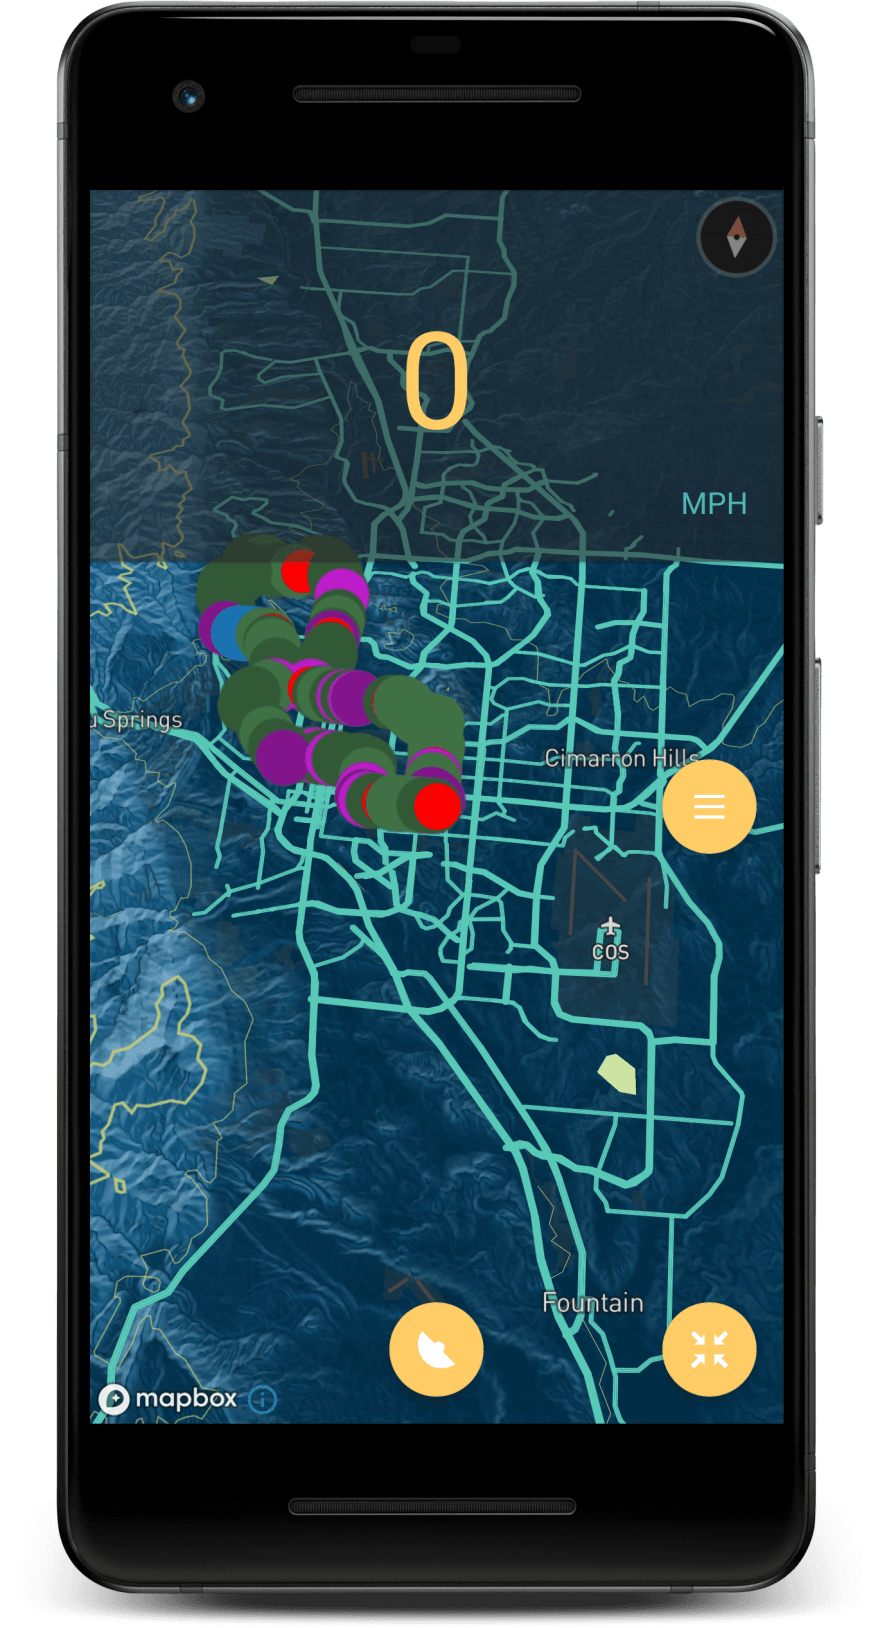 MOTOrift app map view